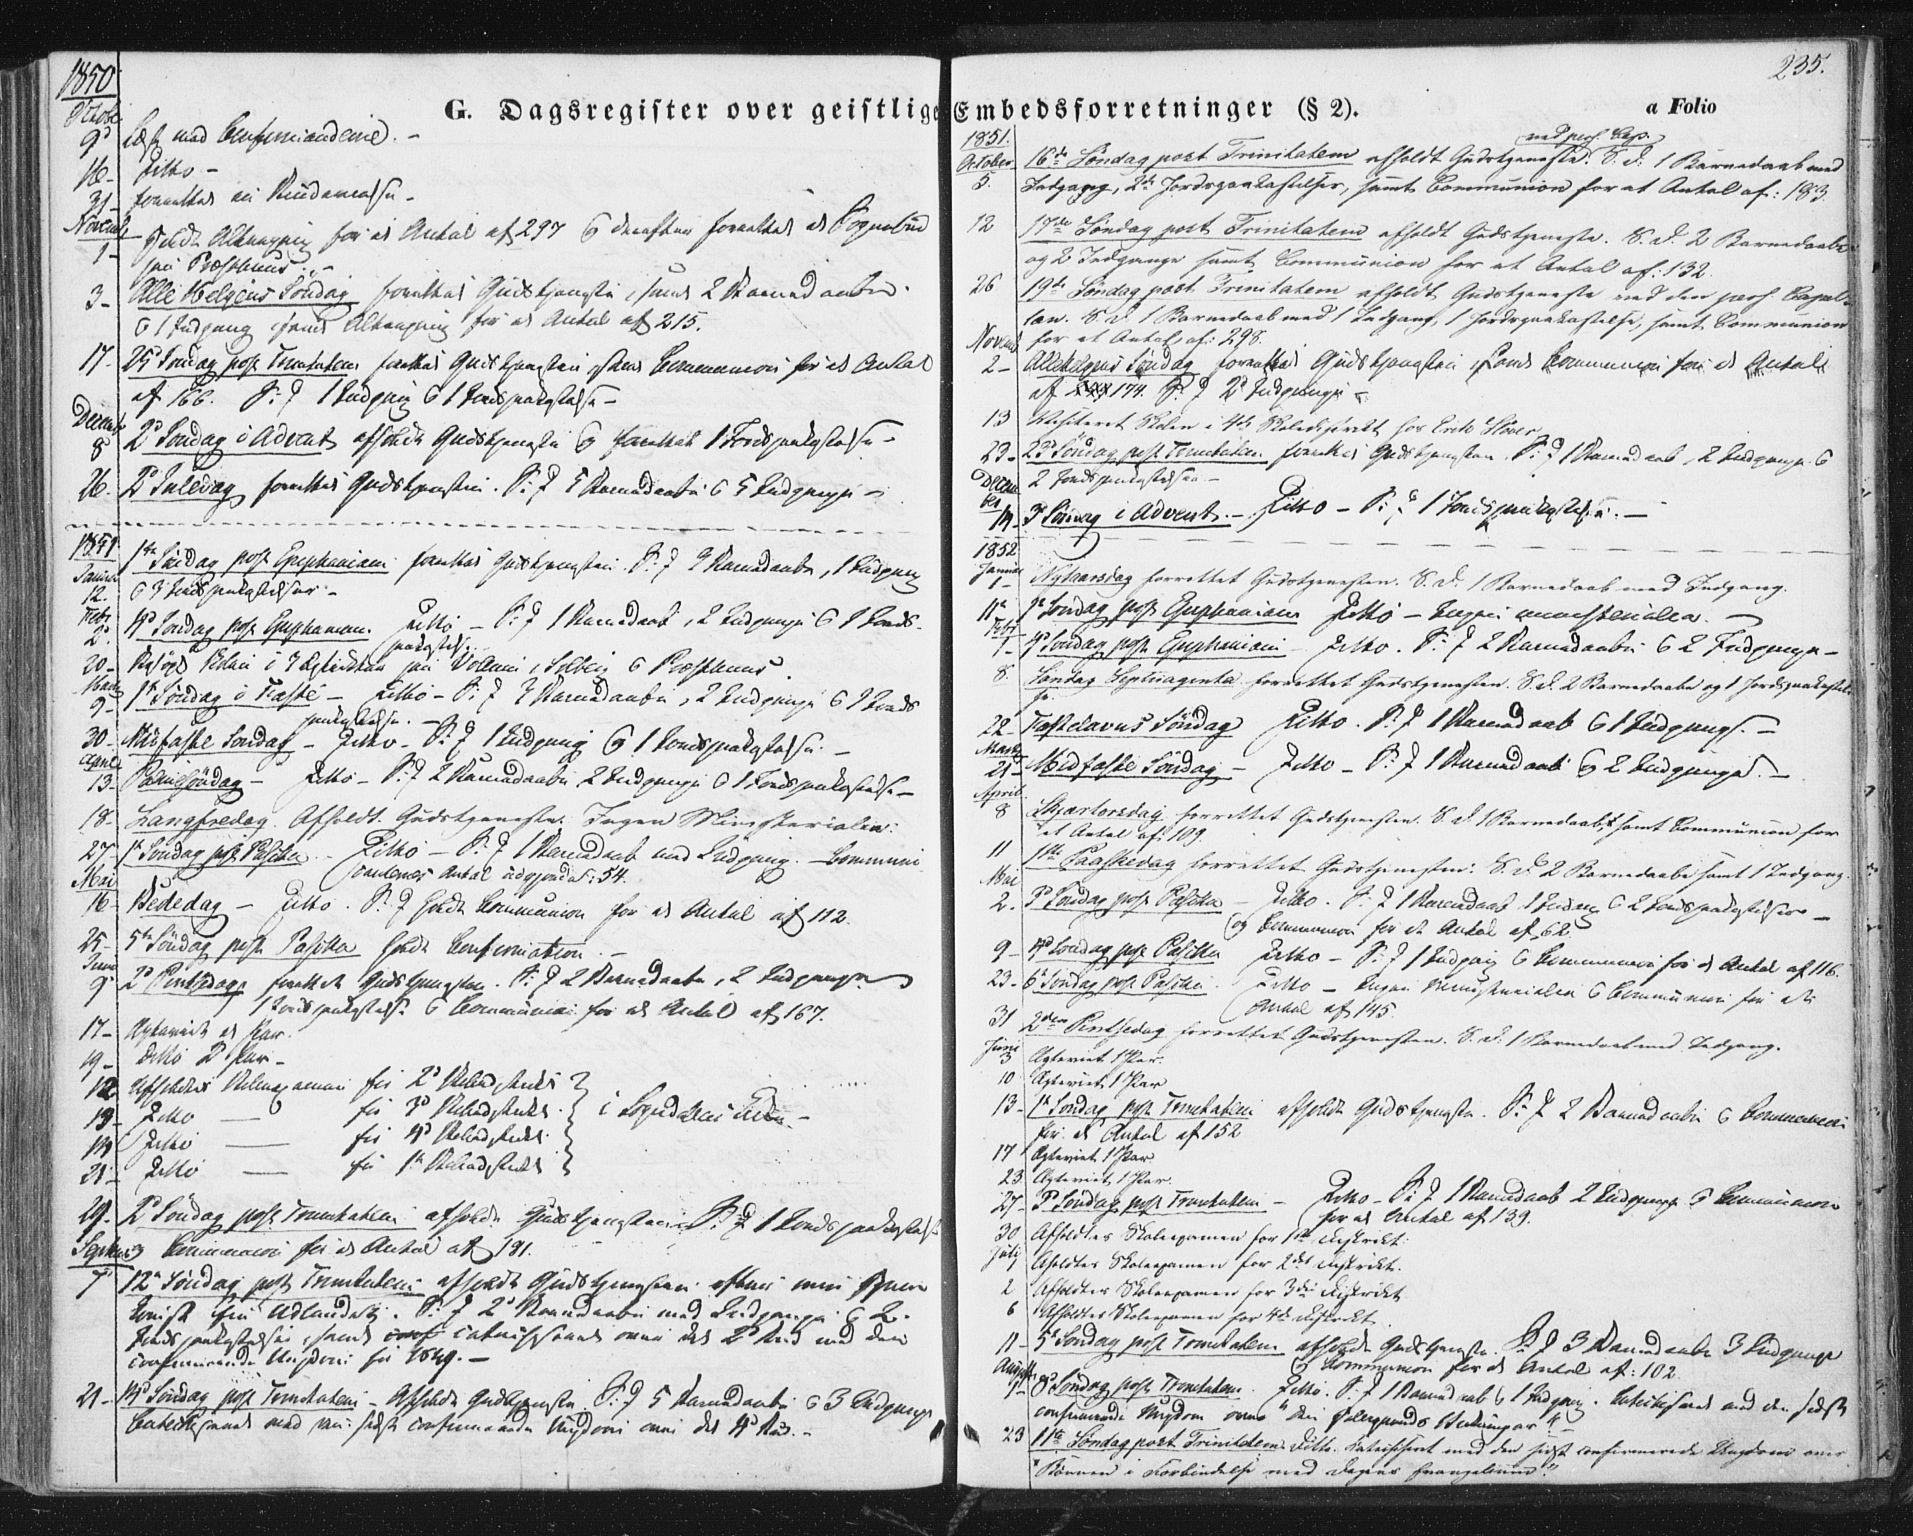 SAT, Ministerialprotokoller, klokkerbøker og fødselsregistre - Sør-Trøndelag, 689/L1038: Ministerialbok nr. 689A03, 1848-1872, s. 235